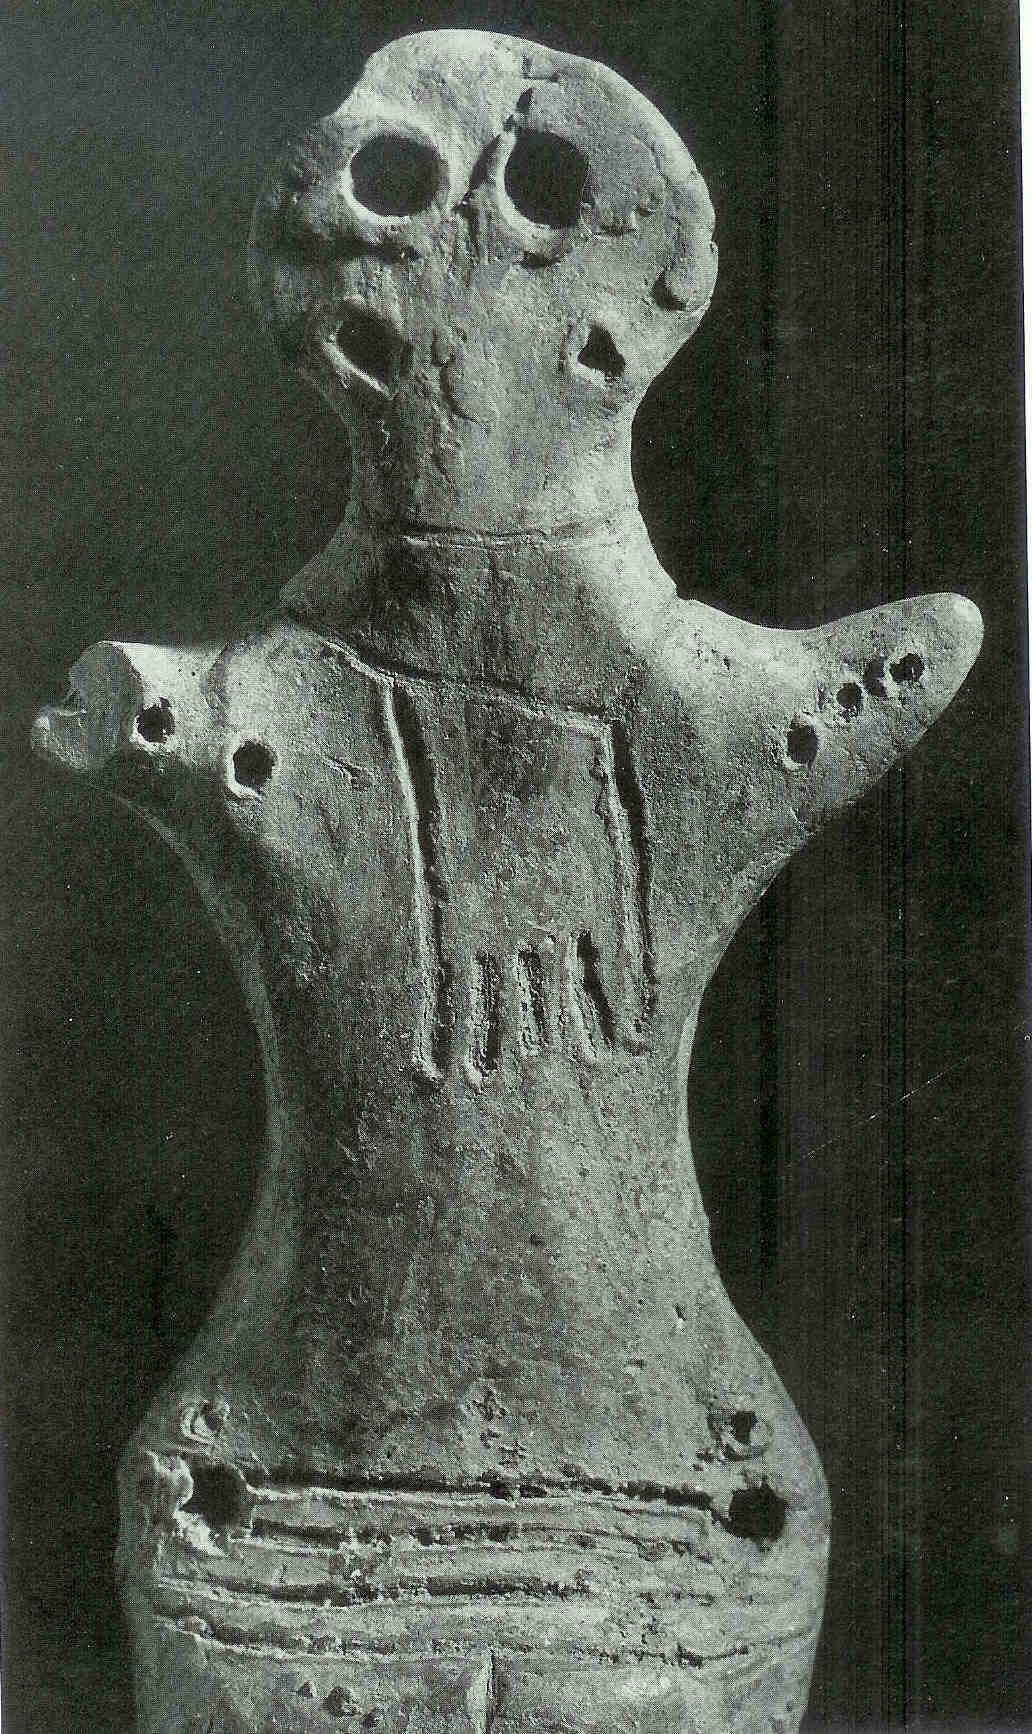 Hetzelfde 'Idool' van Cucuteni. Oekraïne ten noorden van Roemenië. 4000 v. Chr. nu in zwart/wit.